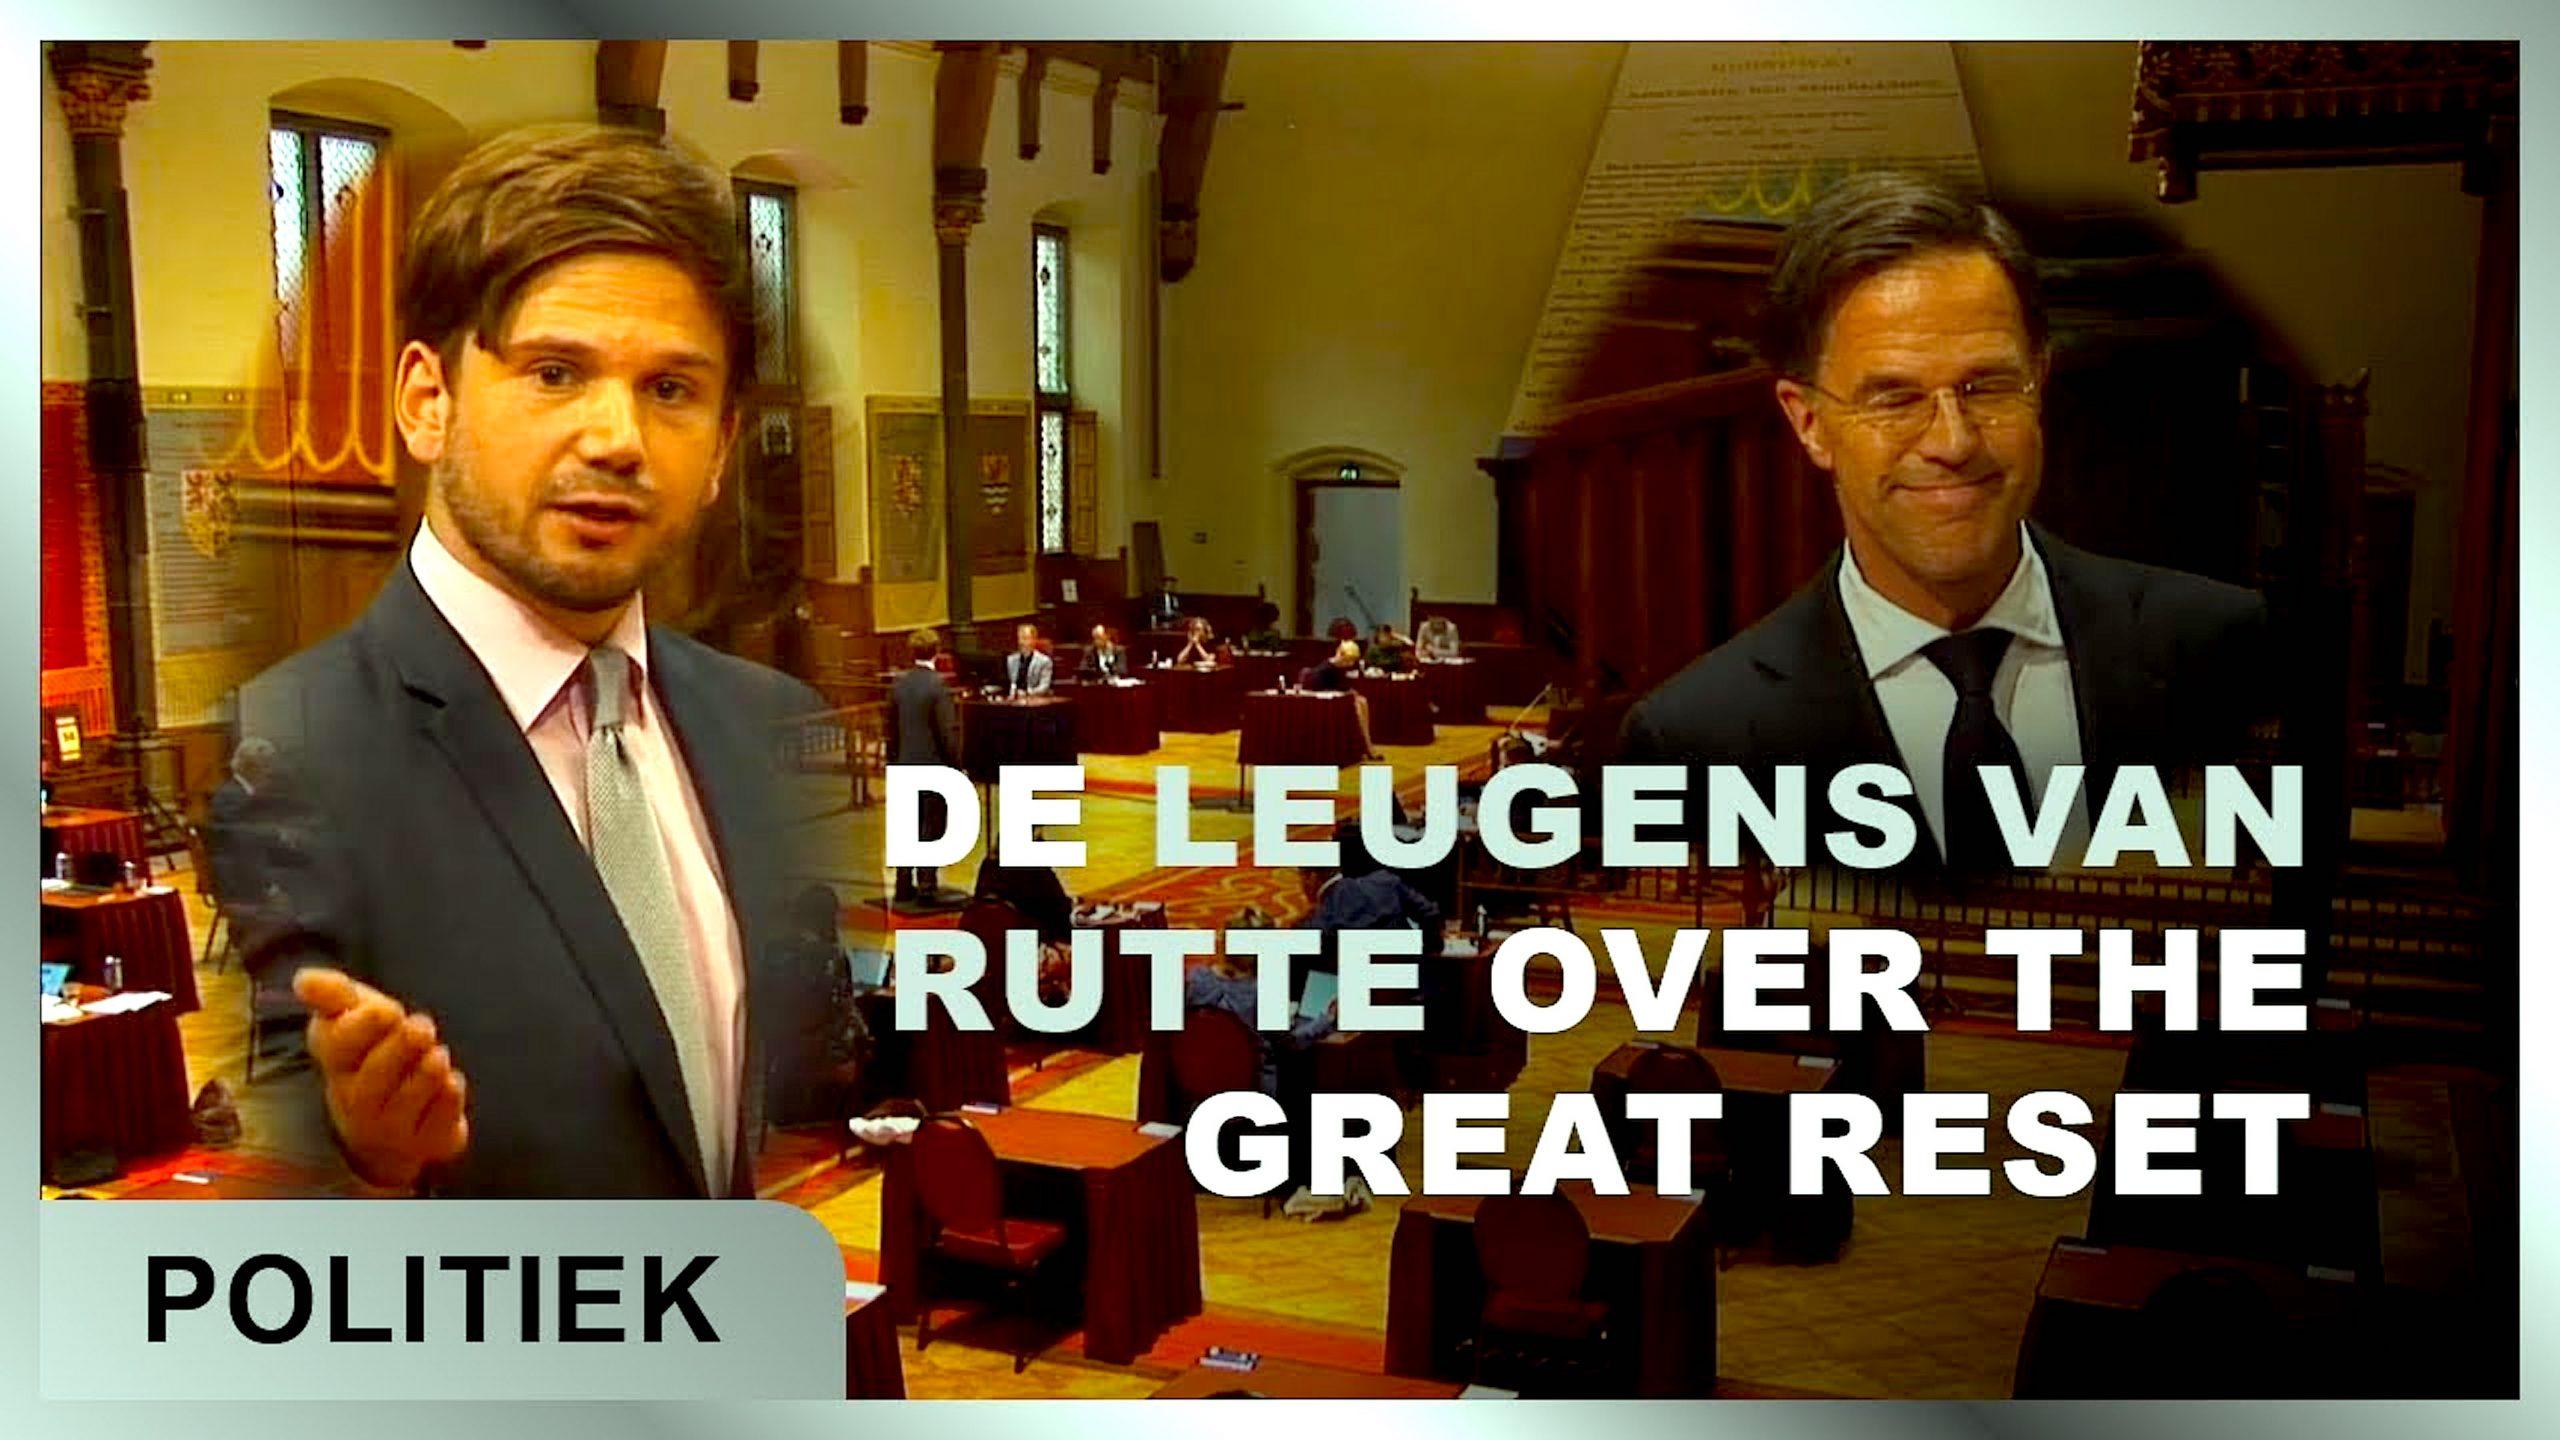 Gideon van Meijerens analyse van het debat met Rutte en Great Reset f(oto YouTube)